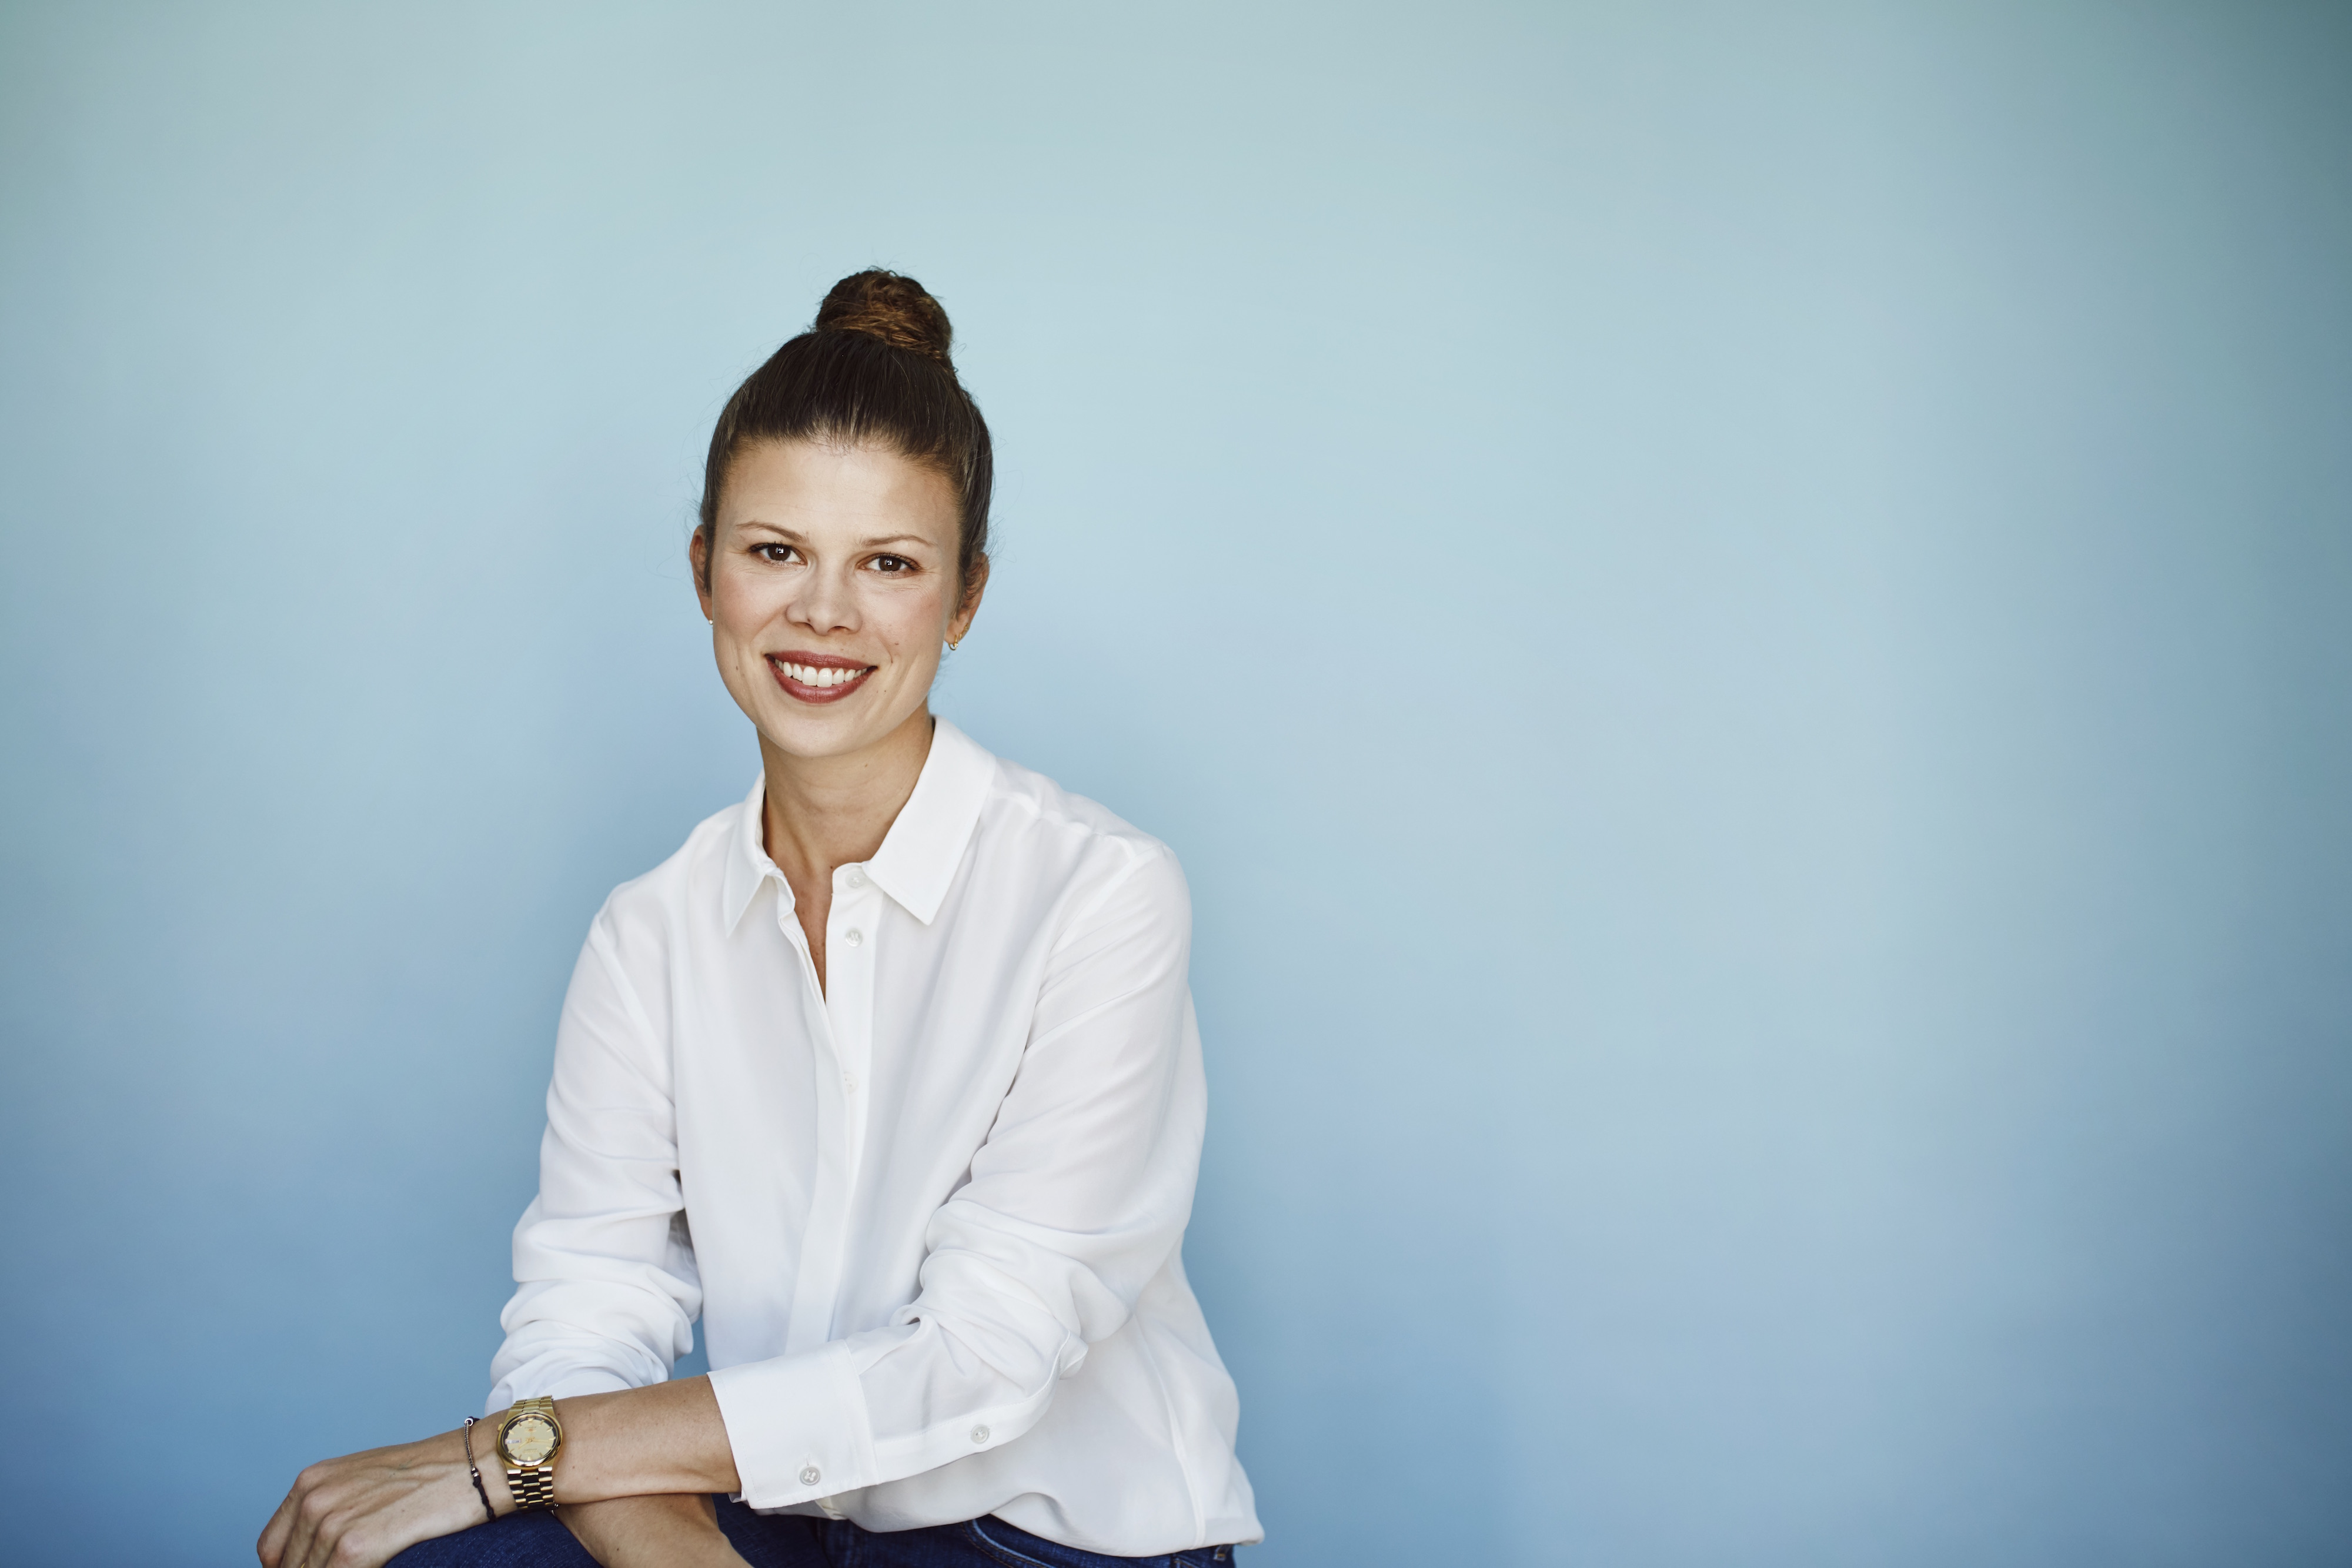 Vis mig din investering: Louise Fredbo-Nielsen, fremtidsforsker